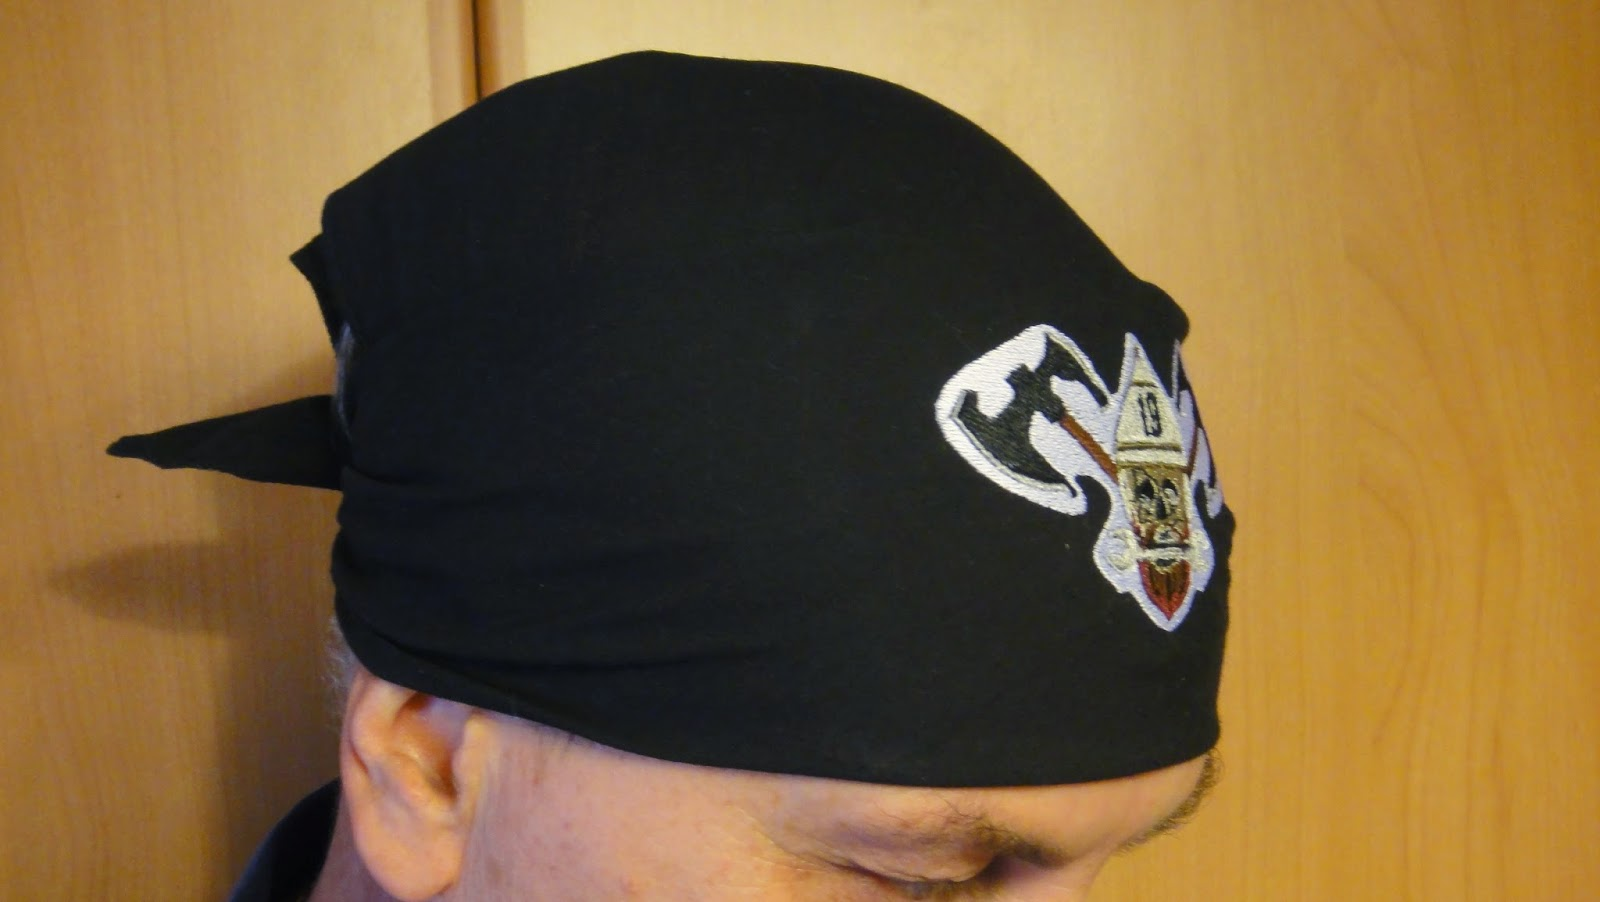 Черная бандана с логотипом, бандана косынка, байкерская бандана на лицо